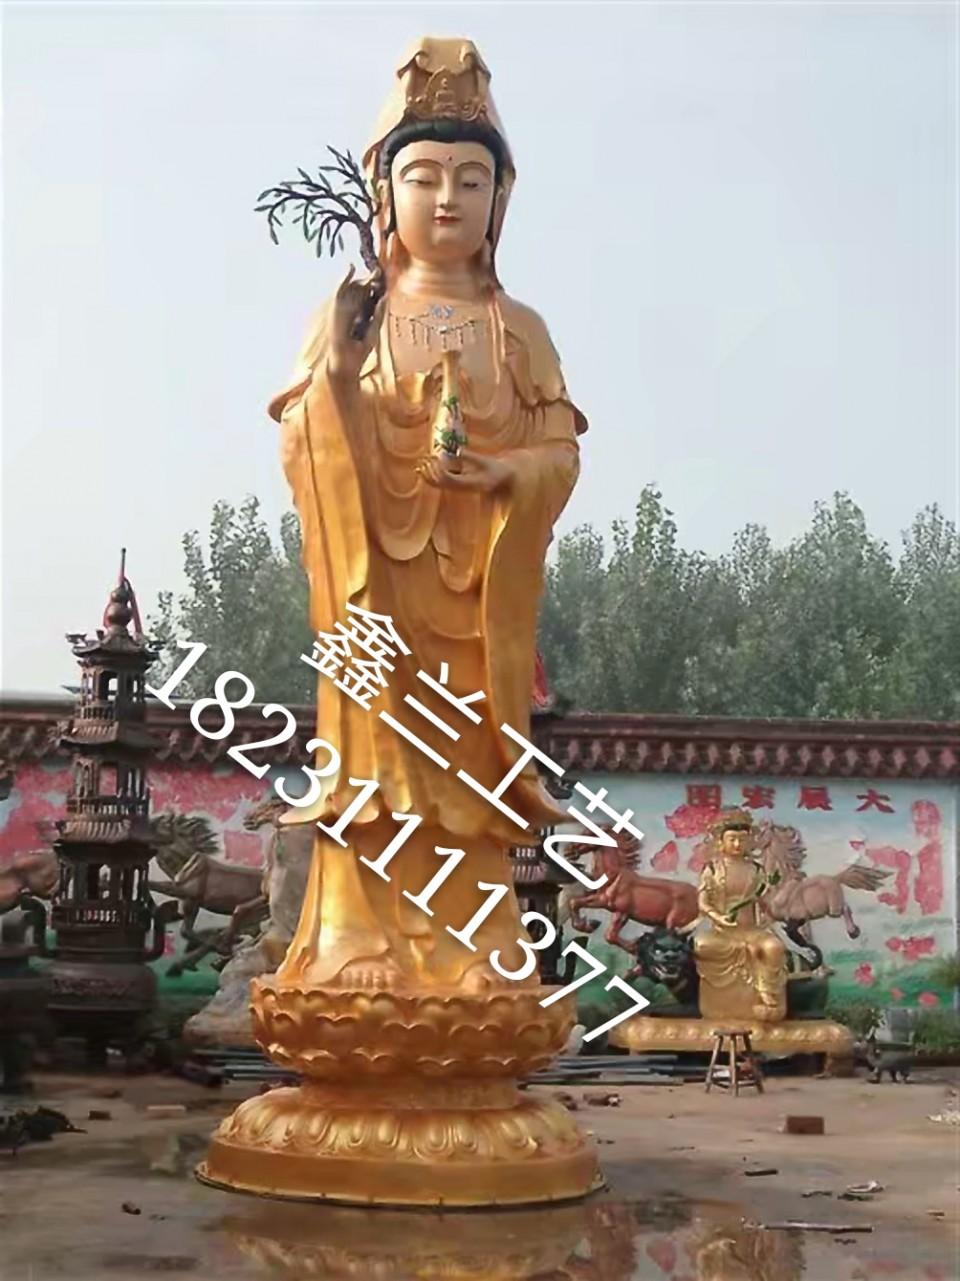 千手观音铜雕雕塑是比较神话的雕塑